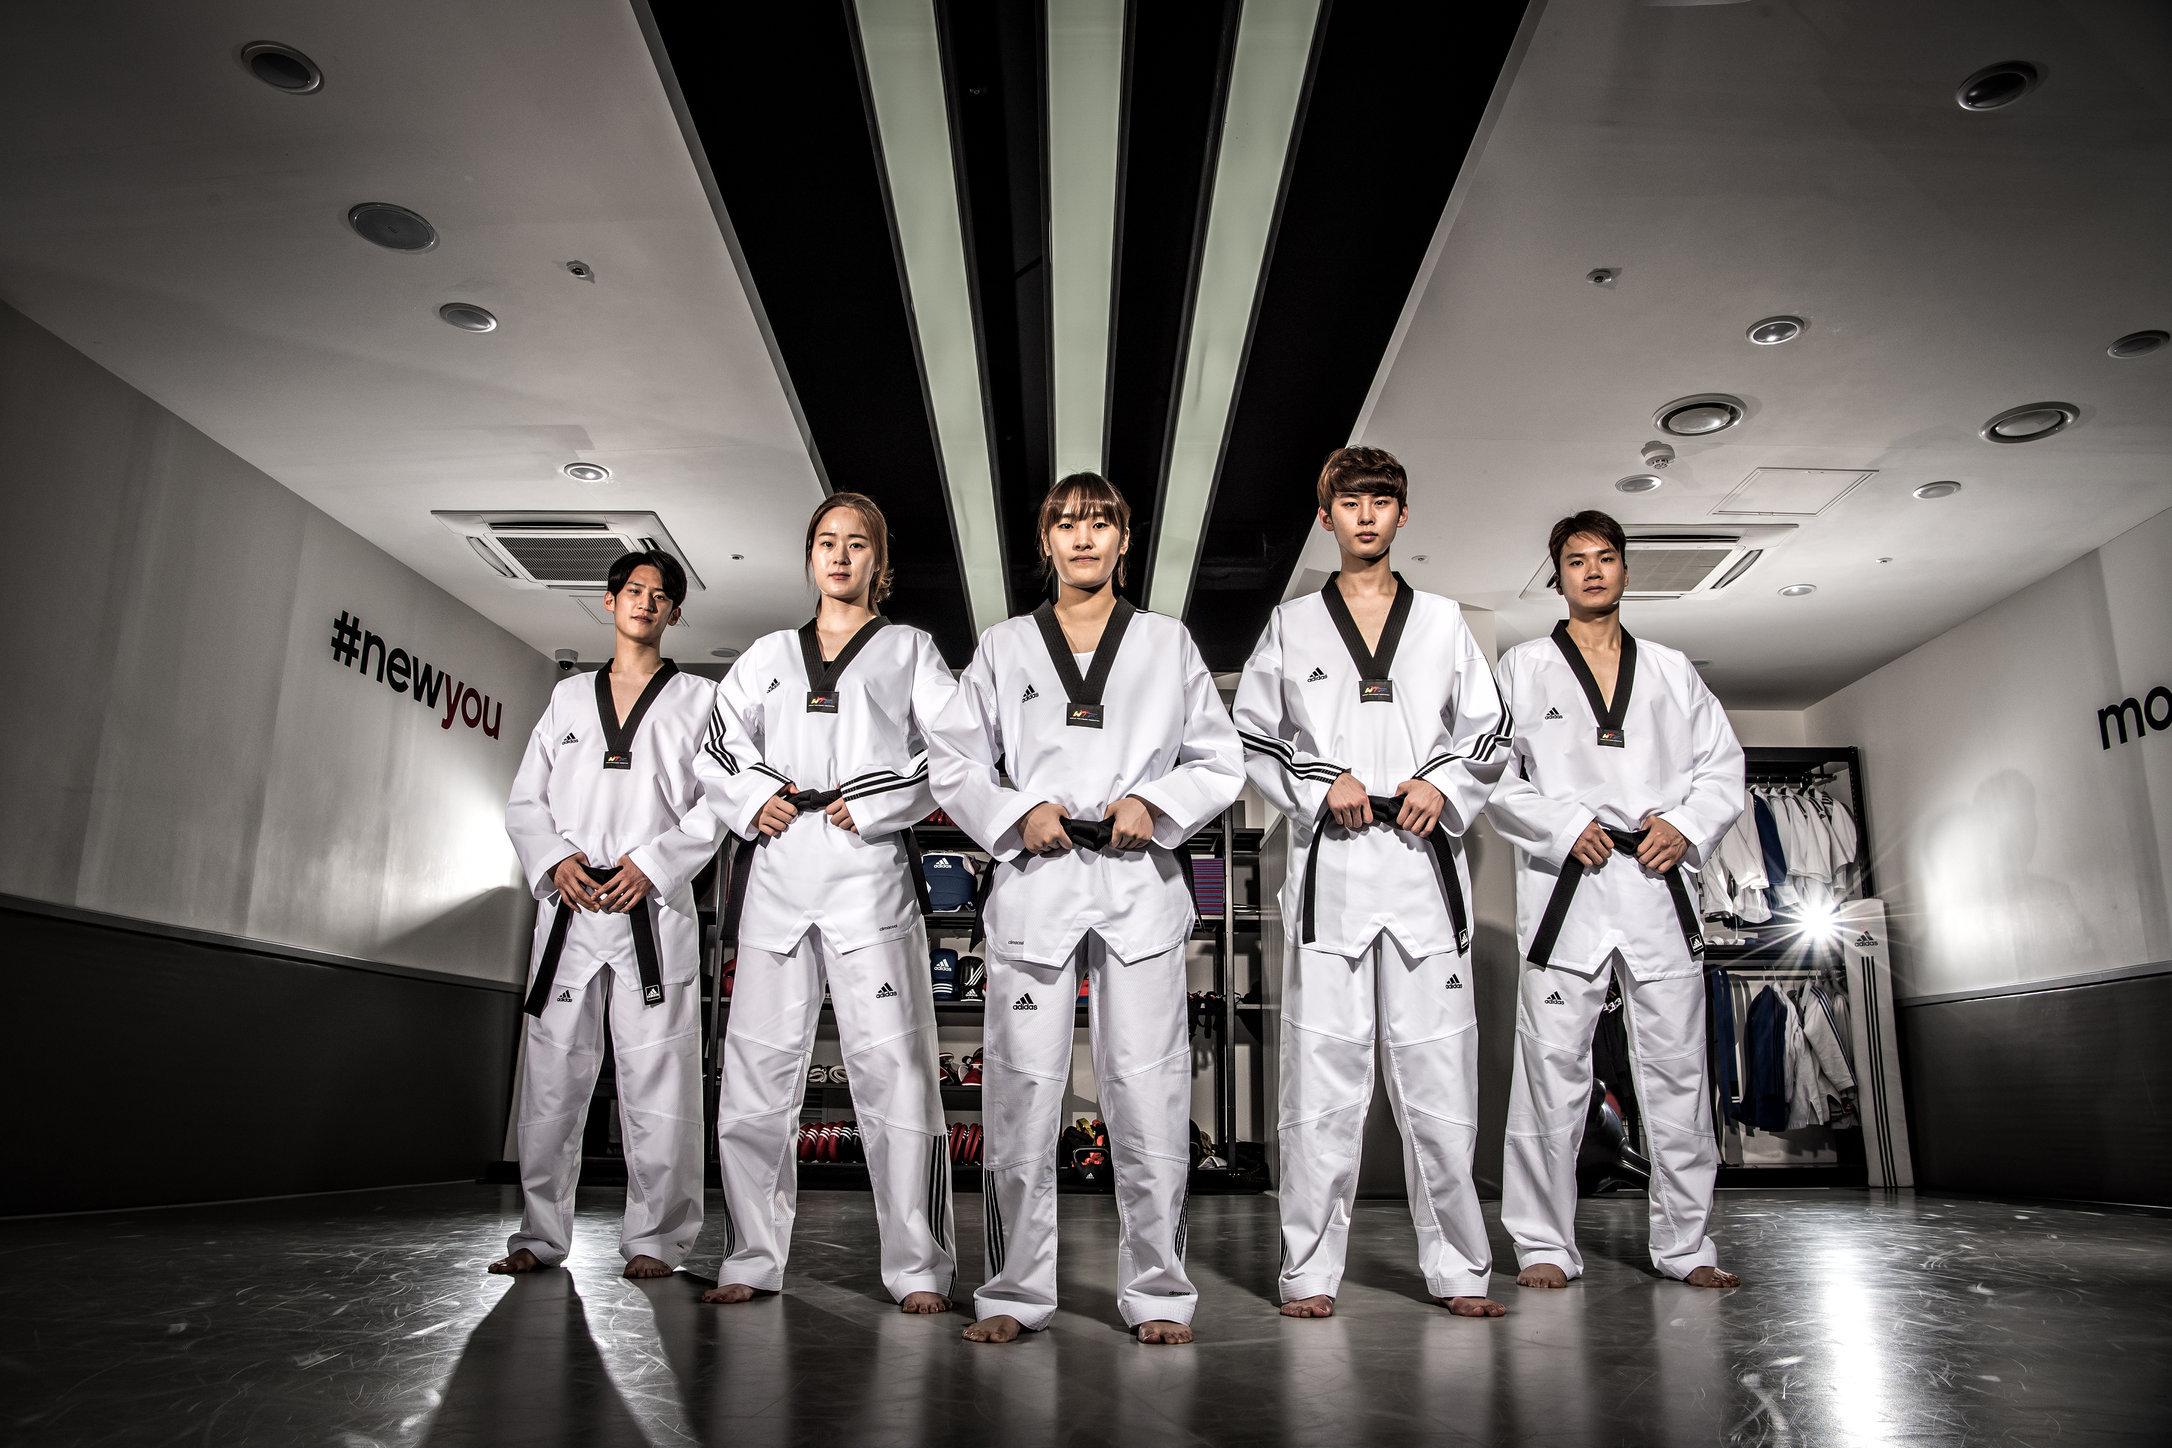 Taekwondo_002.jpg